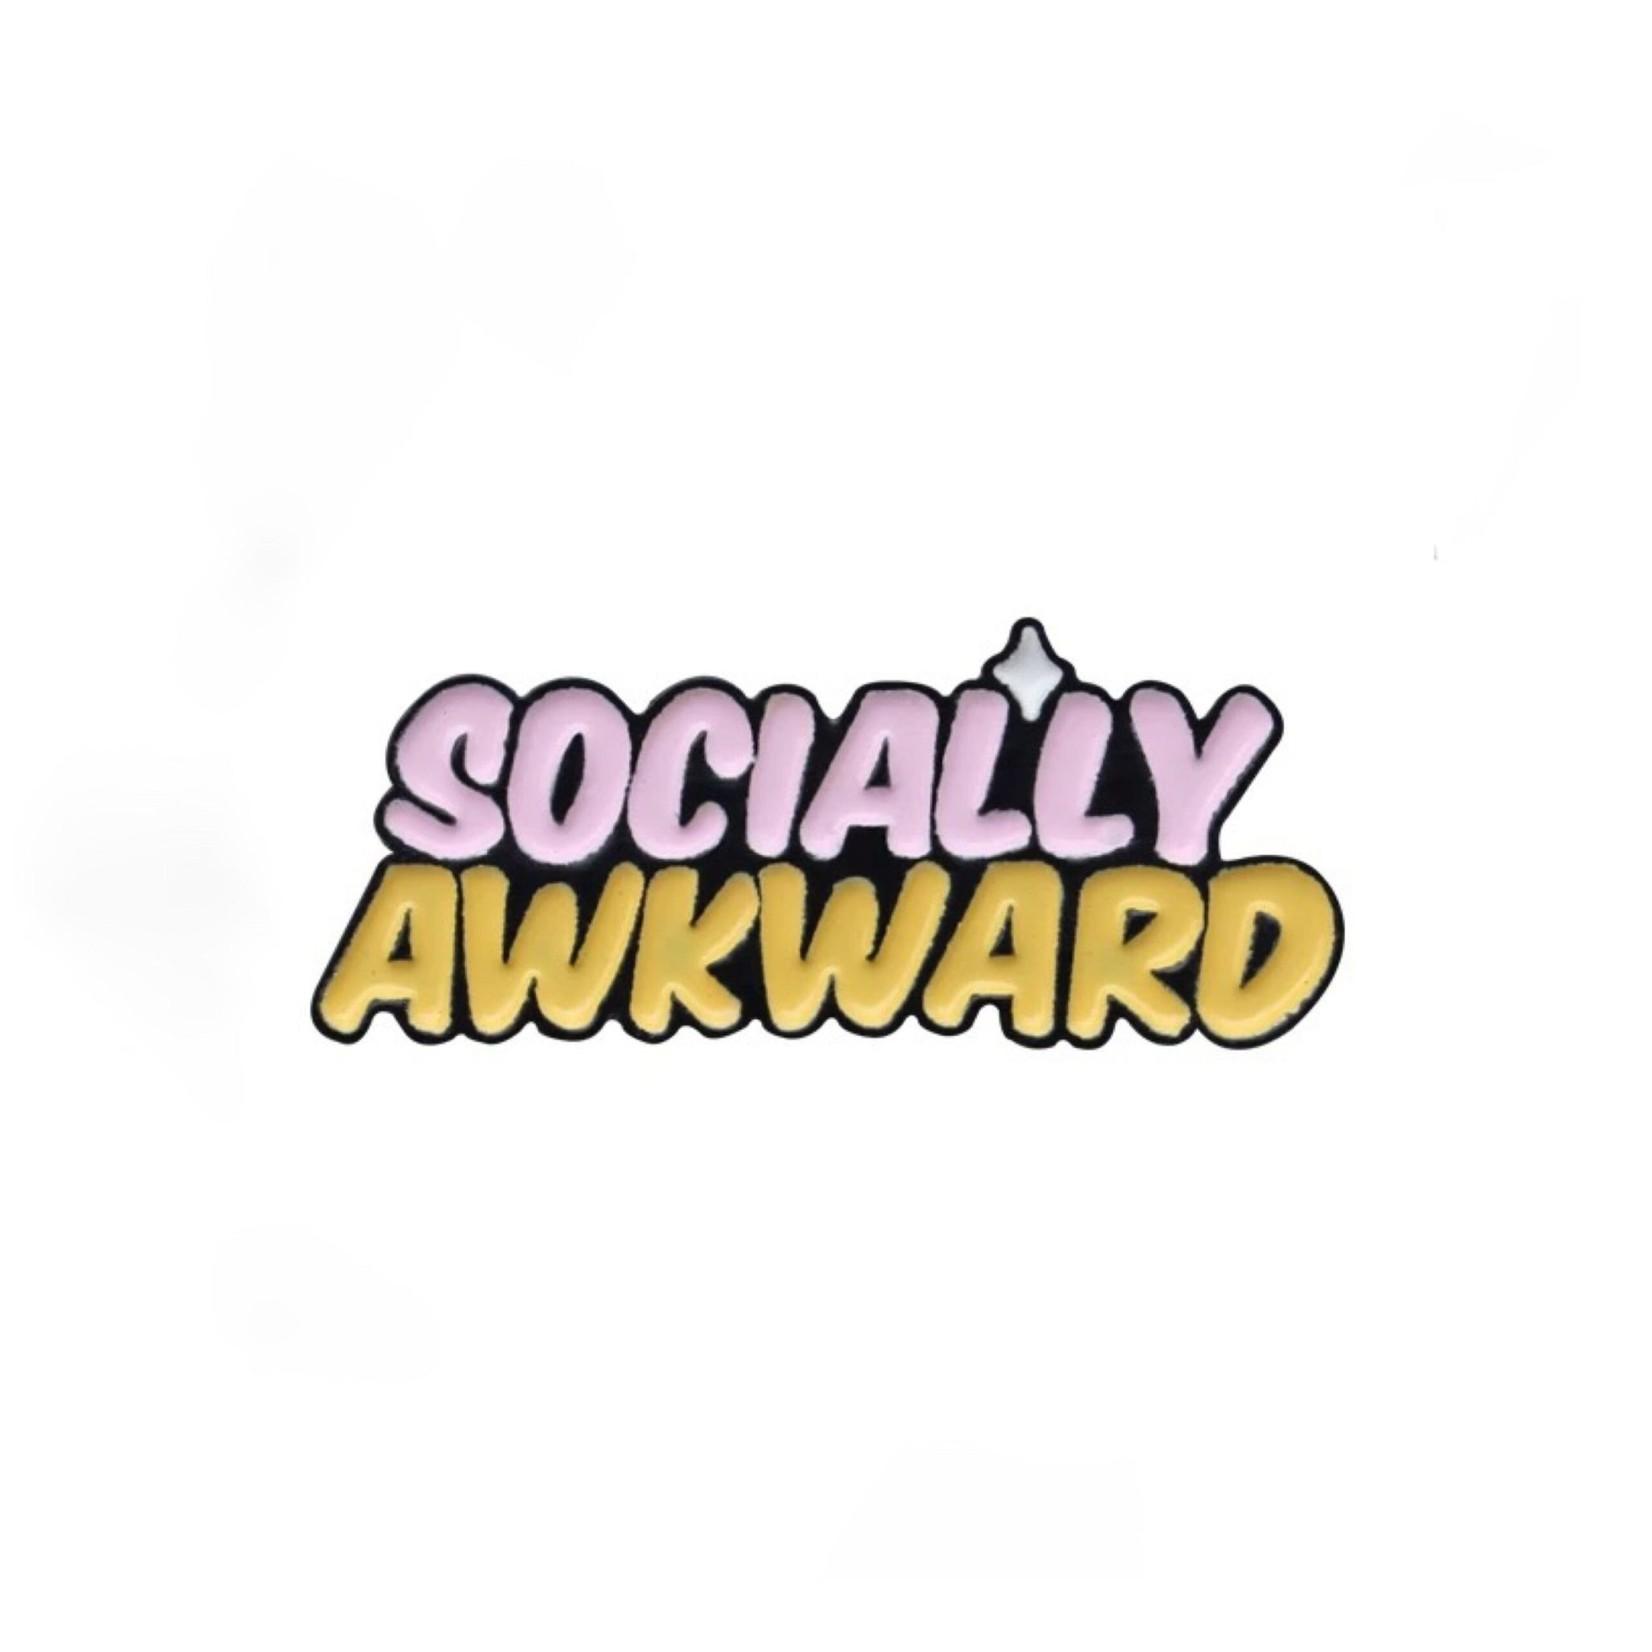 Pin - Socially Awkward